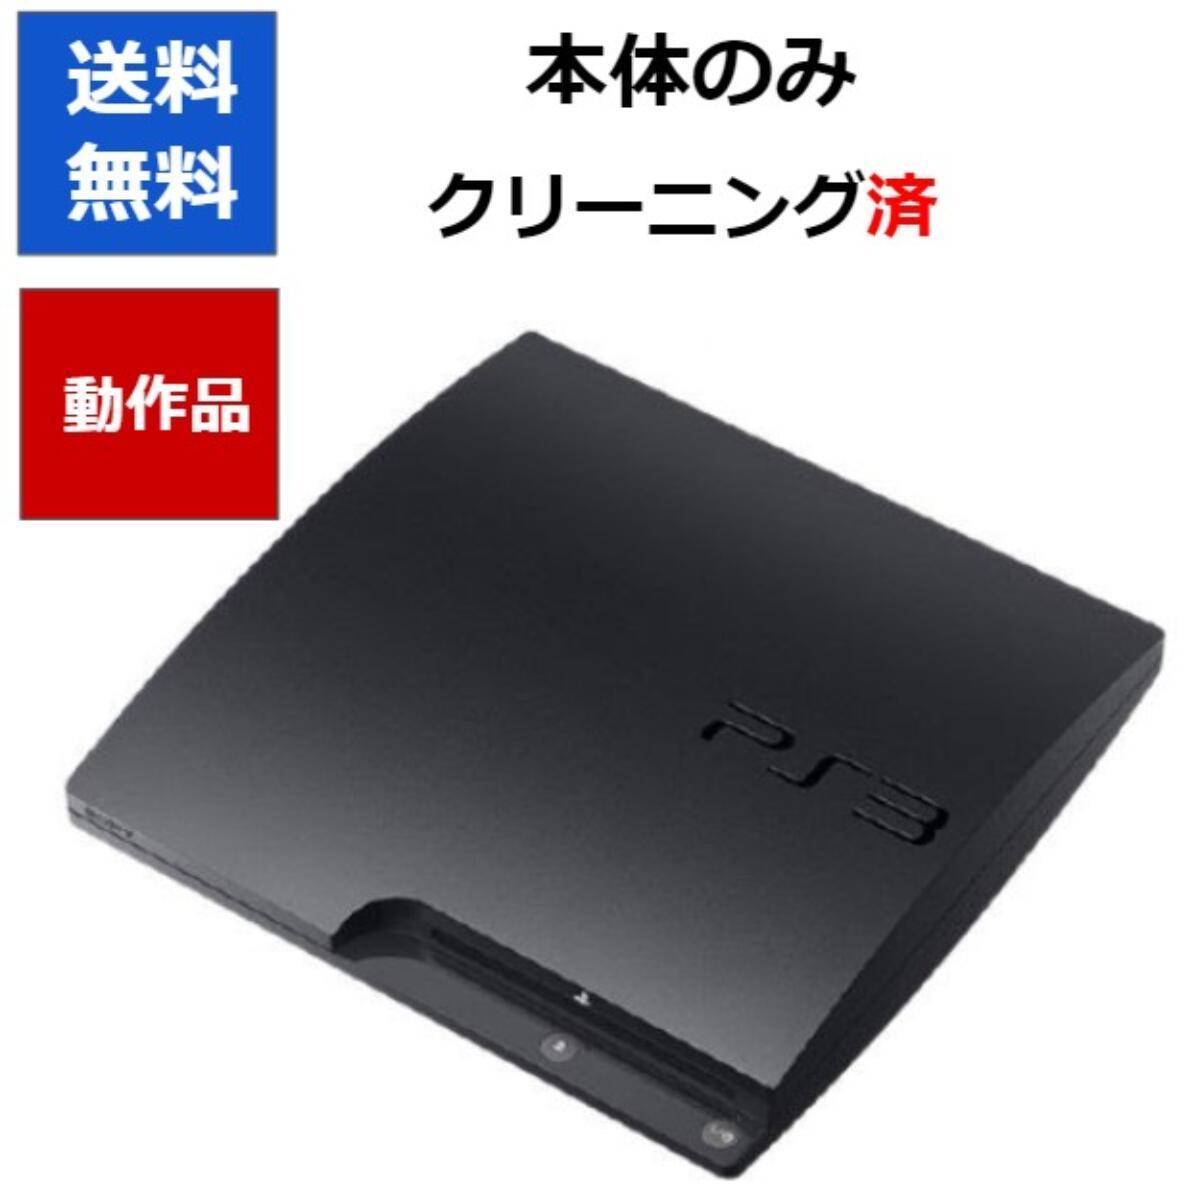 送料無料 PS3 本体 プレステ3 本体のみ 2100A ブラック SONY 【中古】